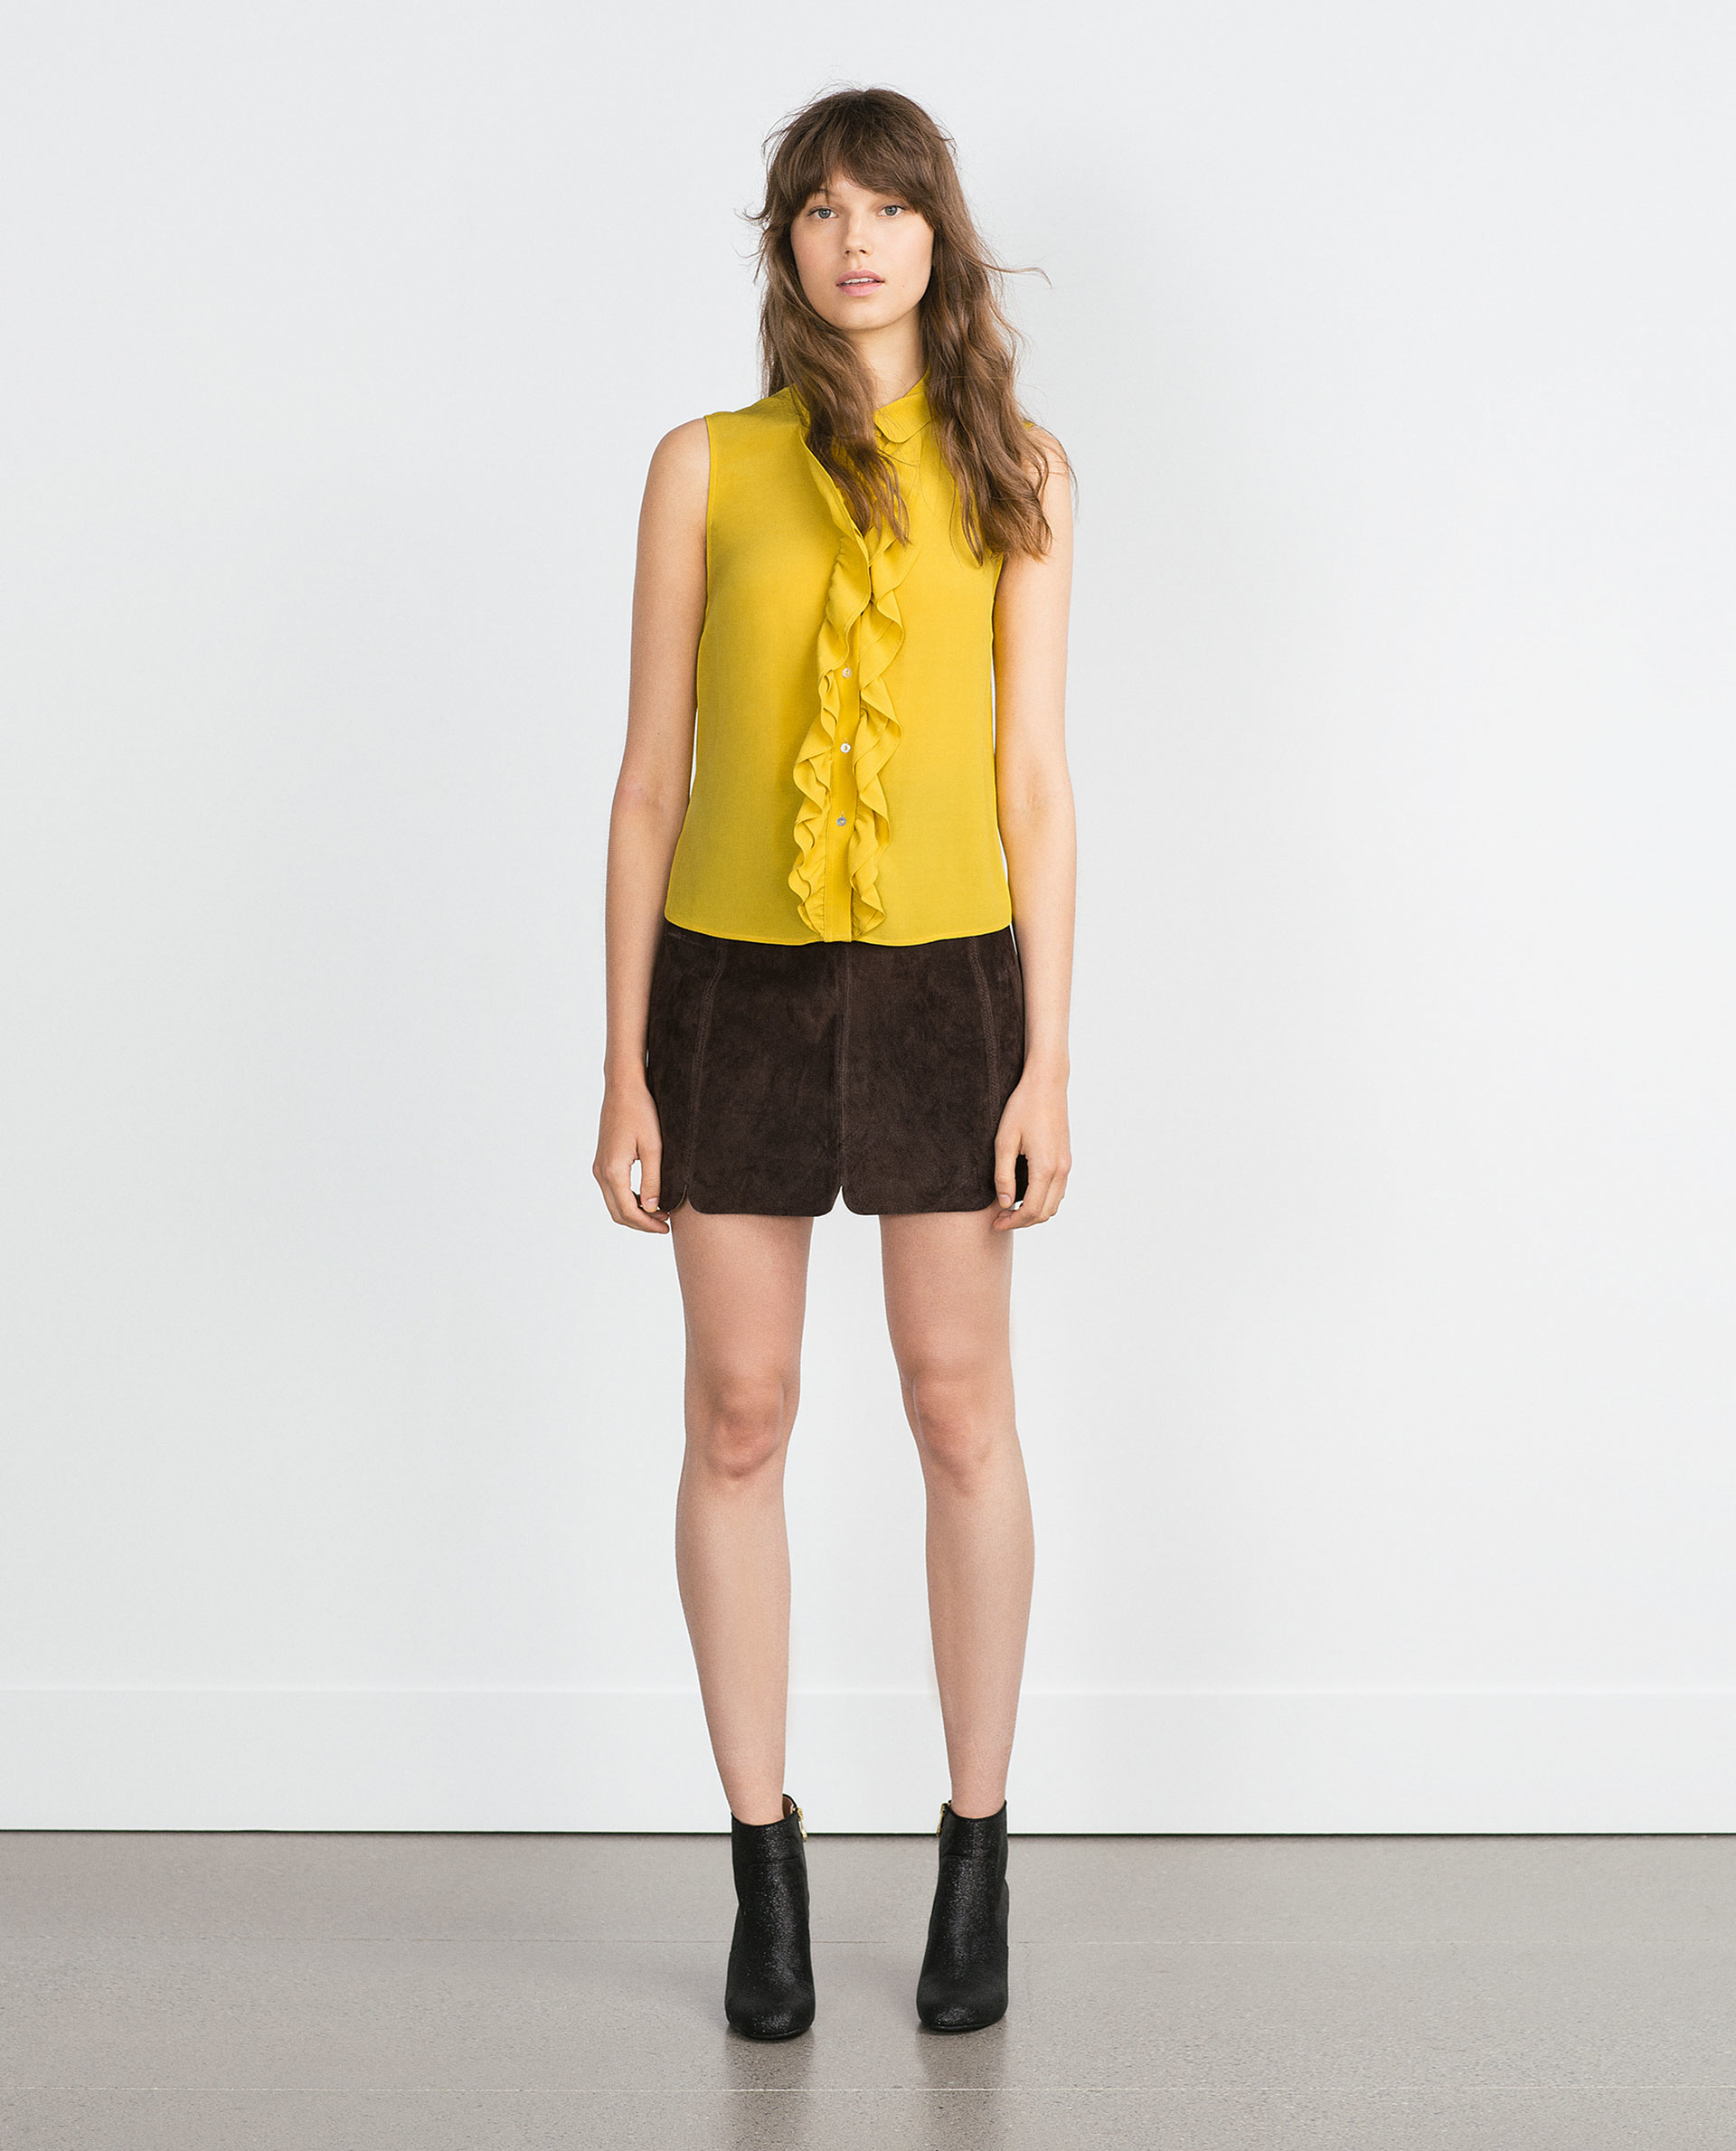 Zara Yellow Viscose Blouse 71